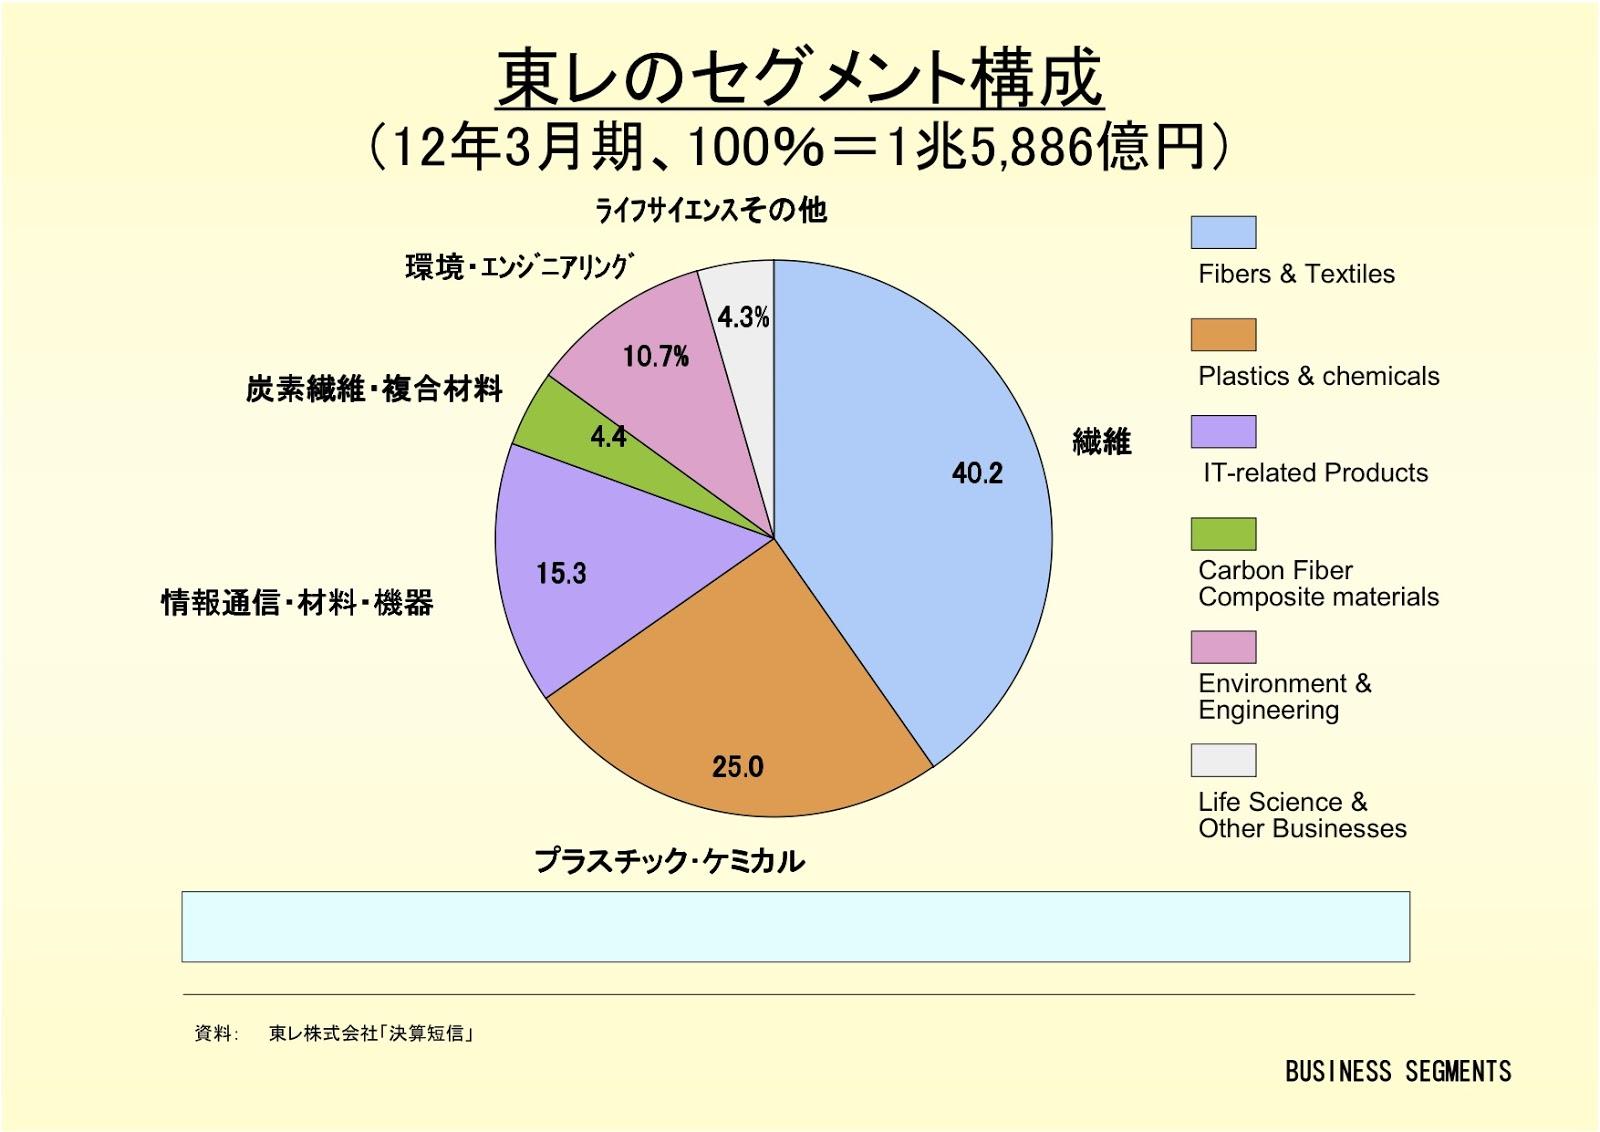 東レ株式会社のセグメント構成